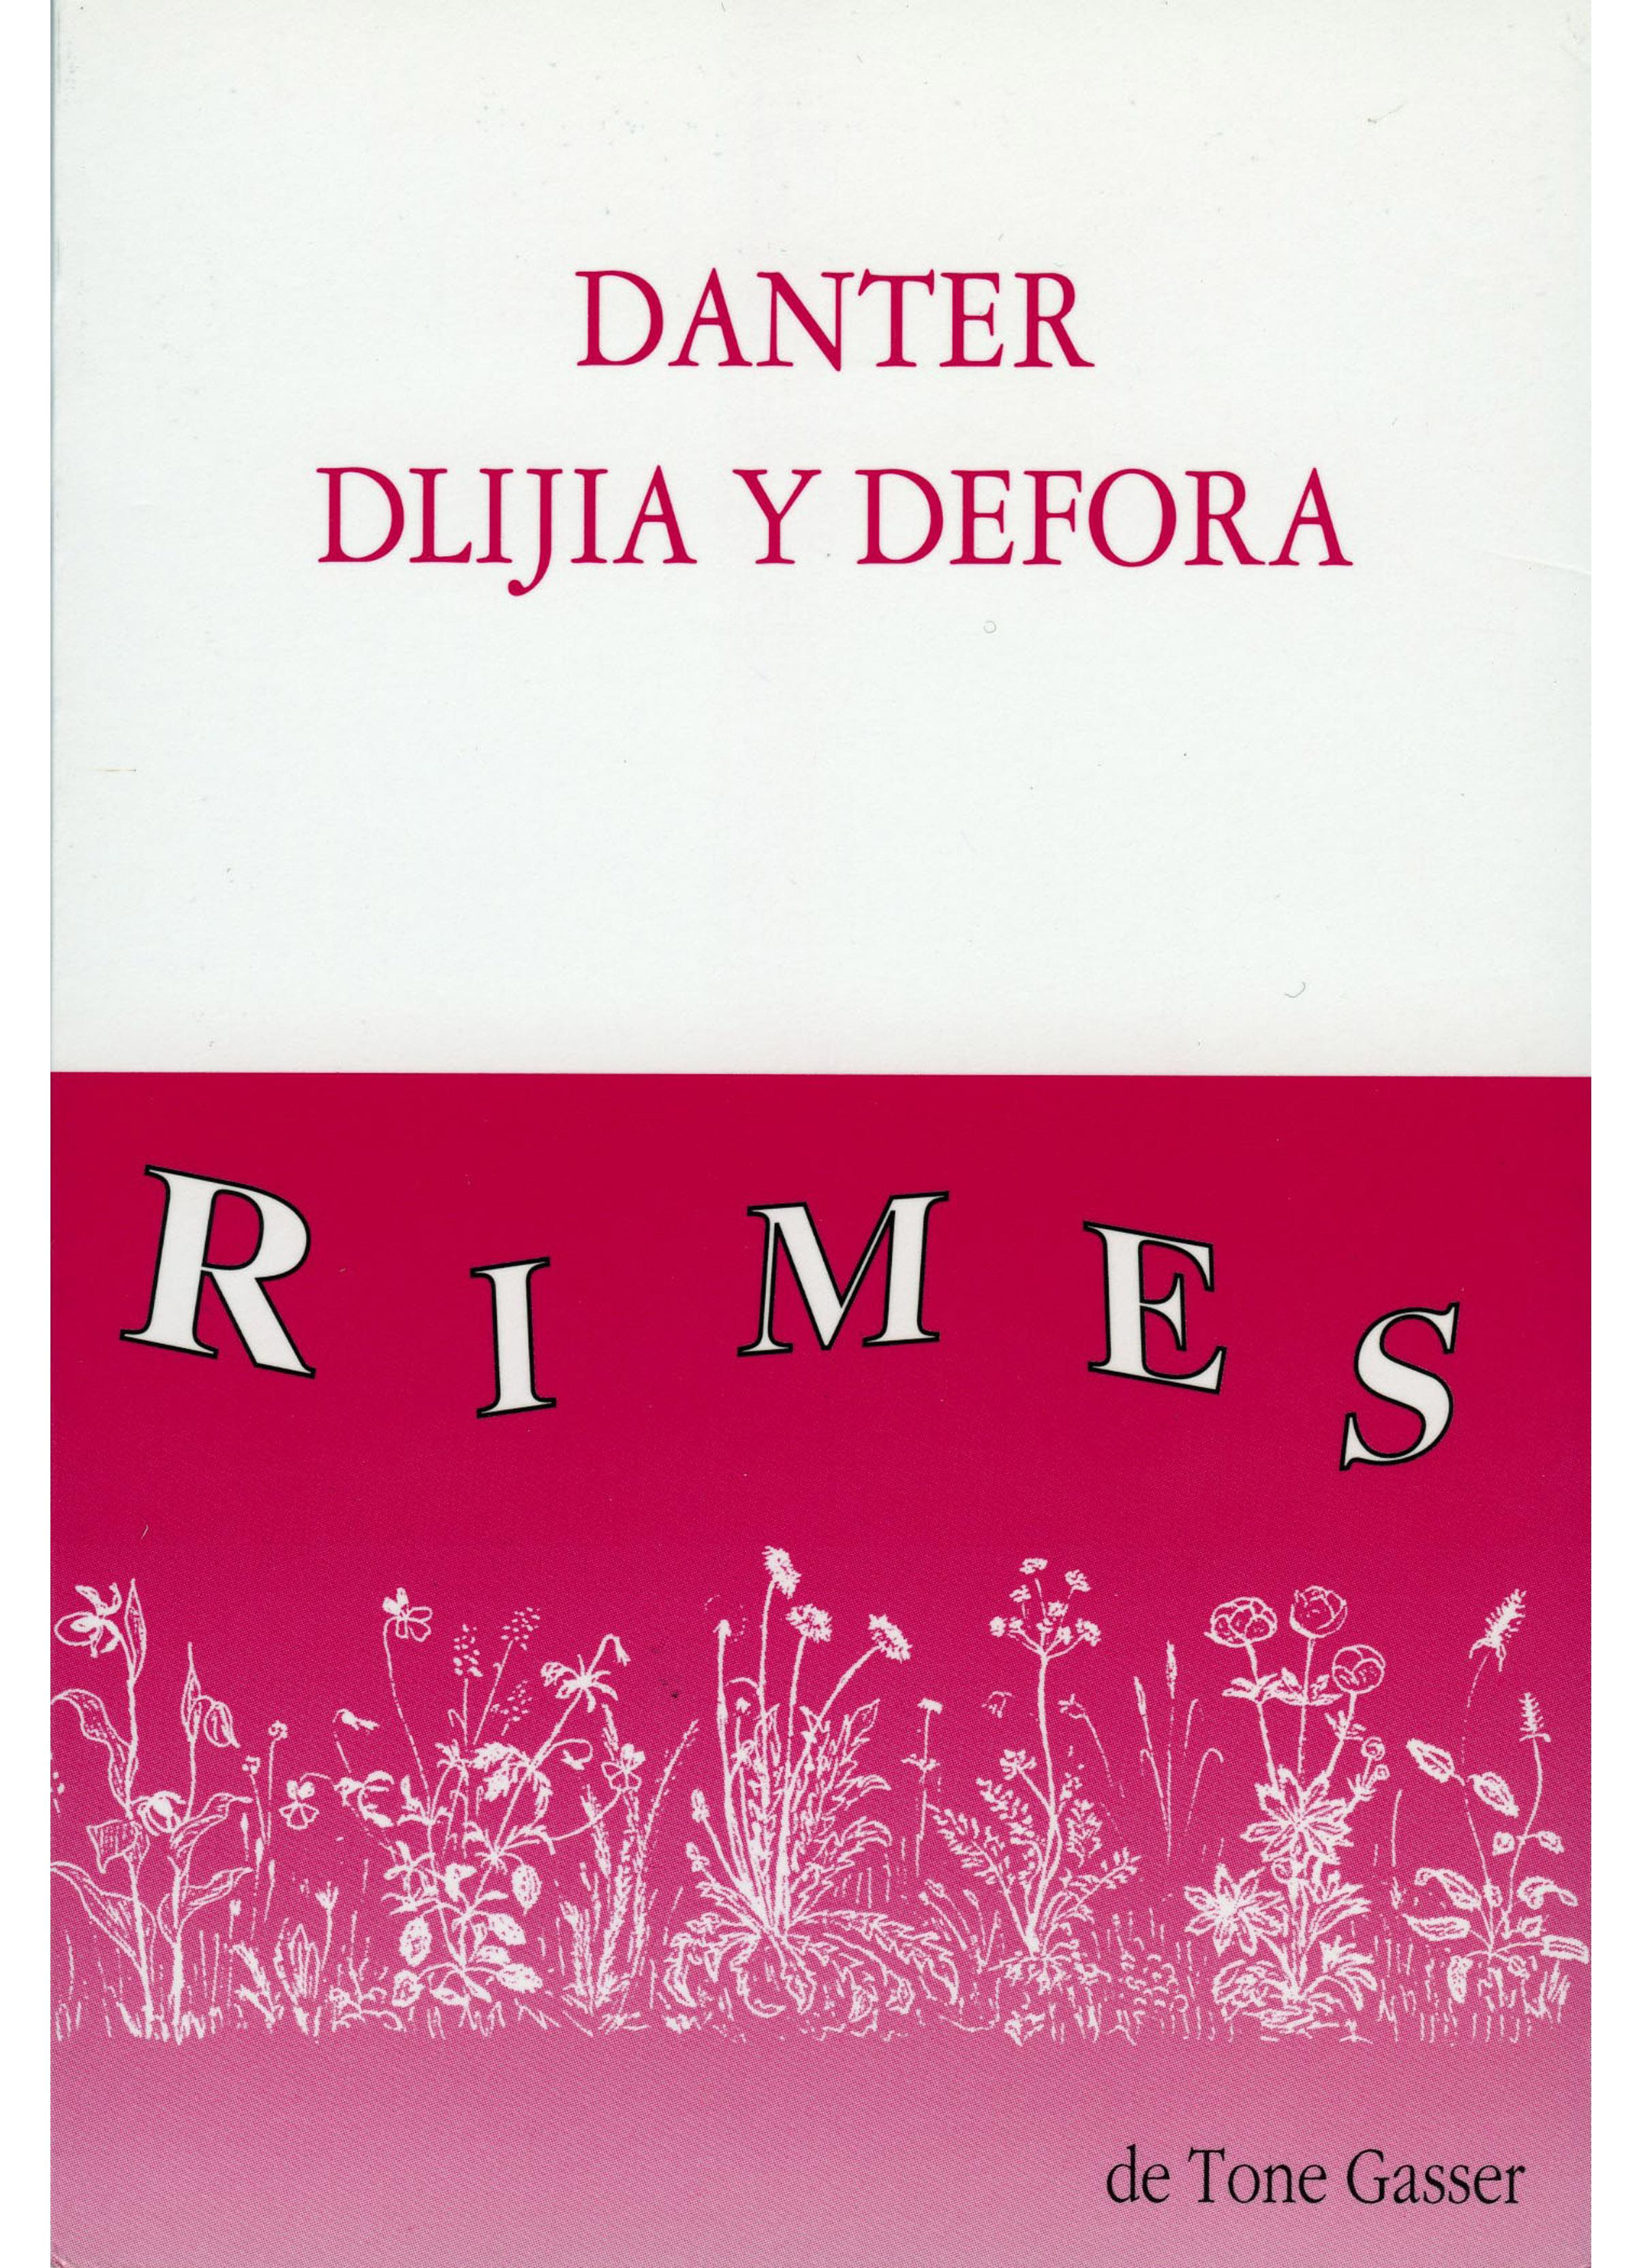 DANTER DLIJIA Y DEFORA